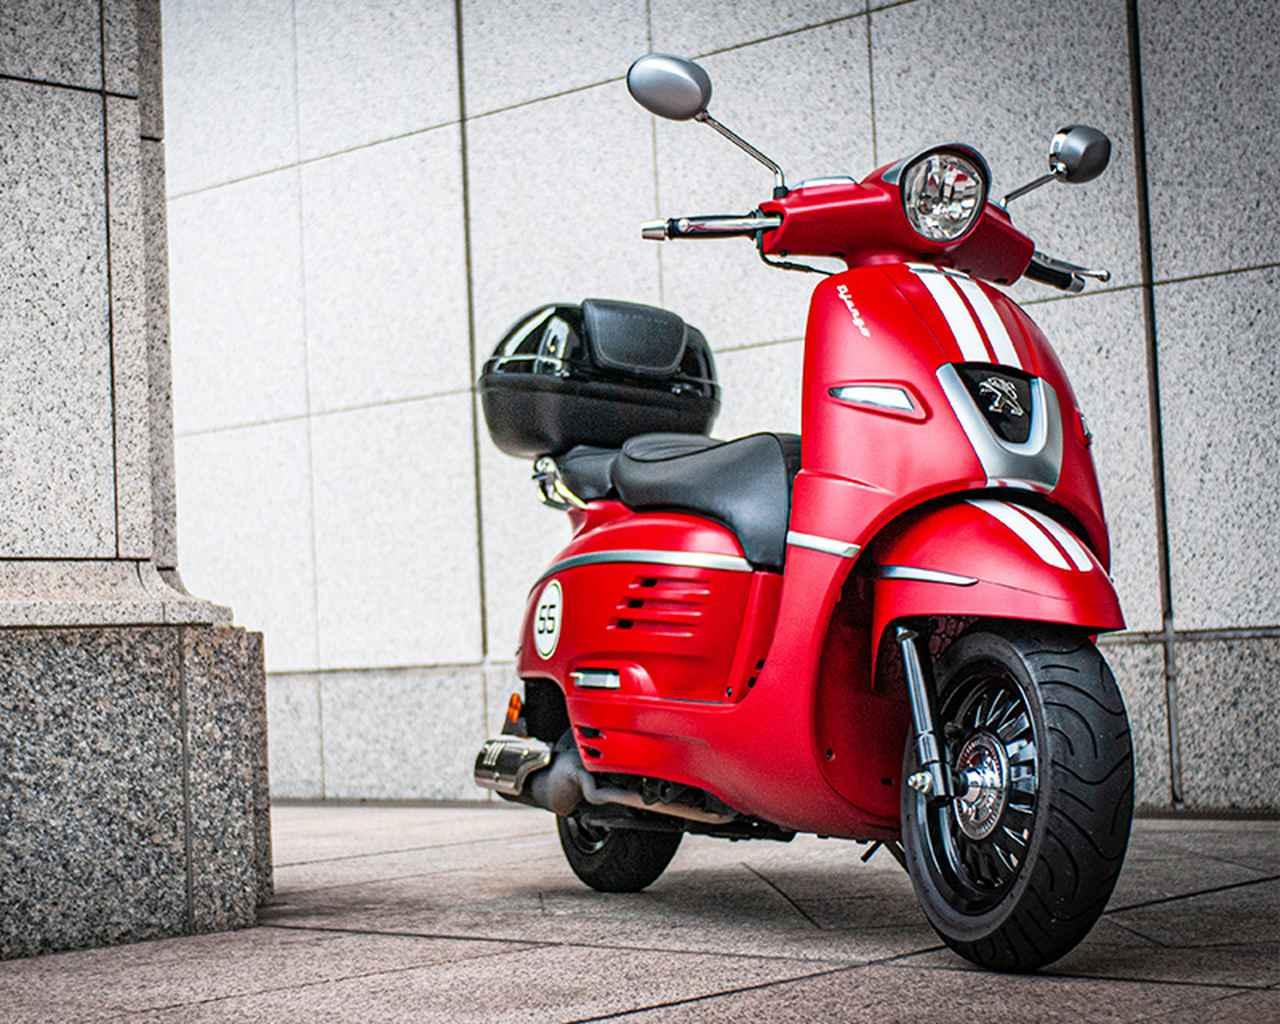 画像1: プジョー「ジャンゴ スポーツ ツーリング」webオートバイ特別仕様車 web申込専用ページ